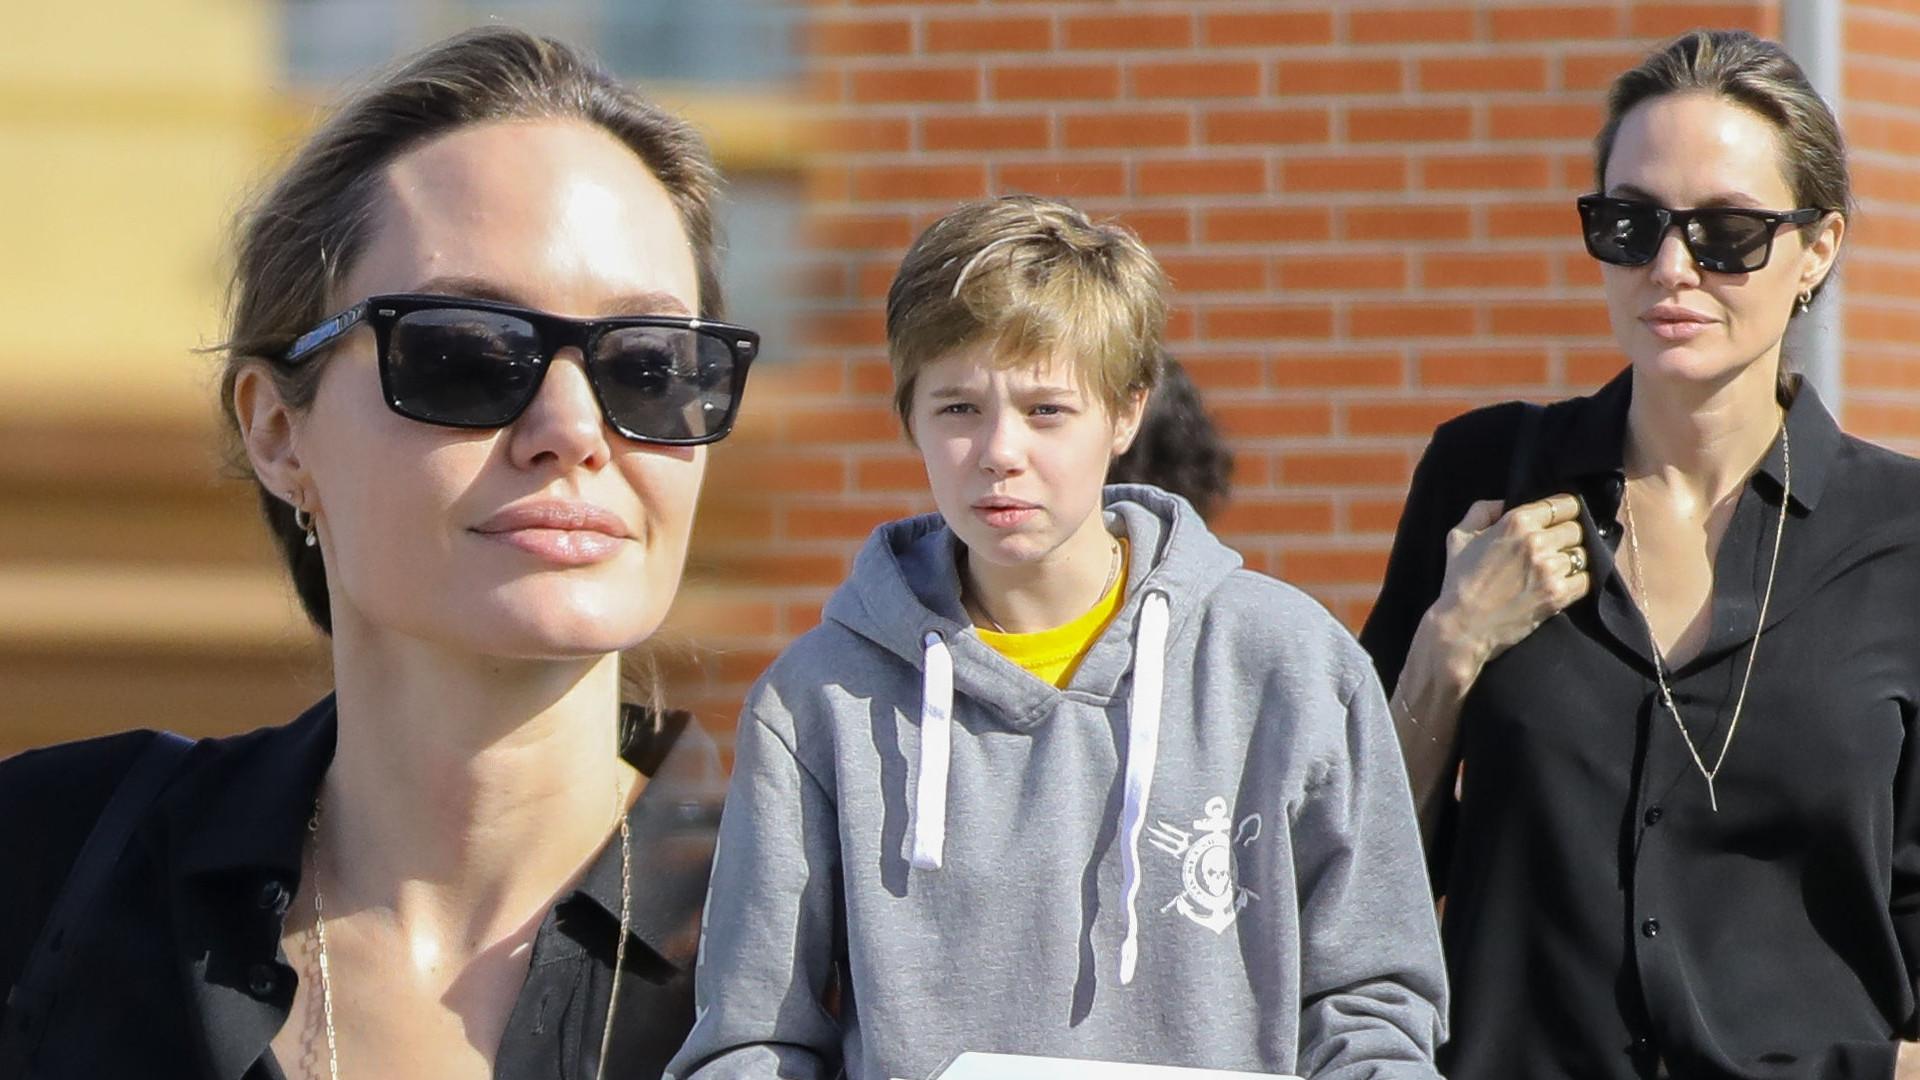 Jolie kupiła 12-letniej Shiloh nietypowy prezent (ZDJĘCIA)